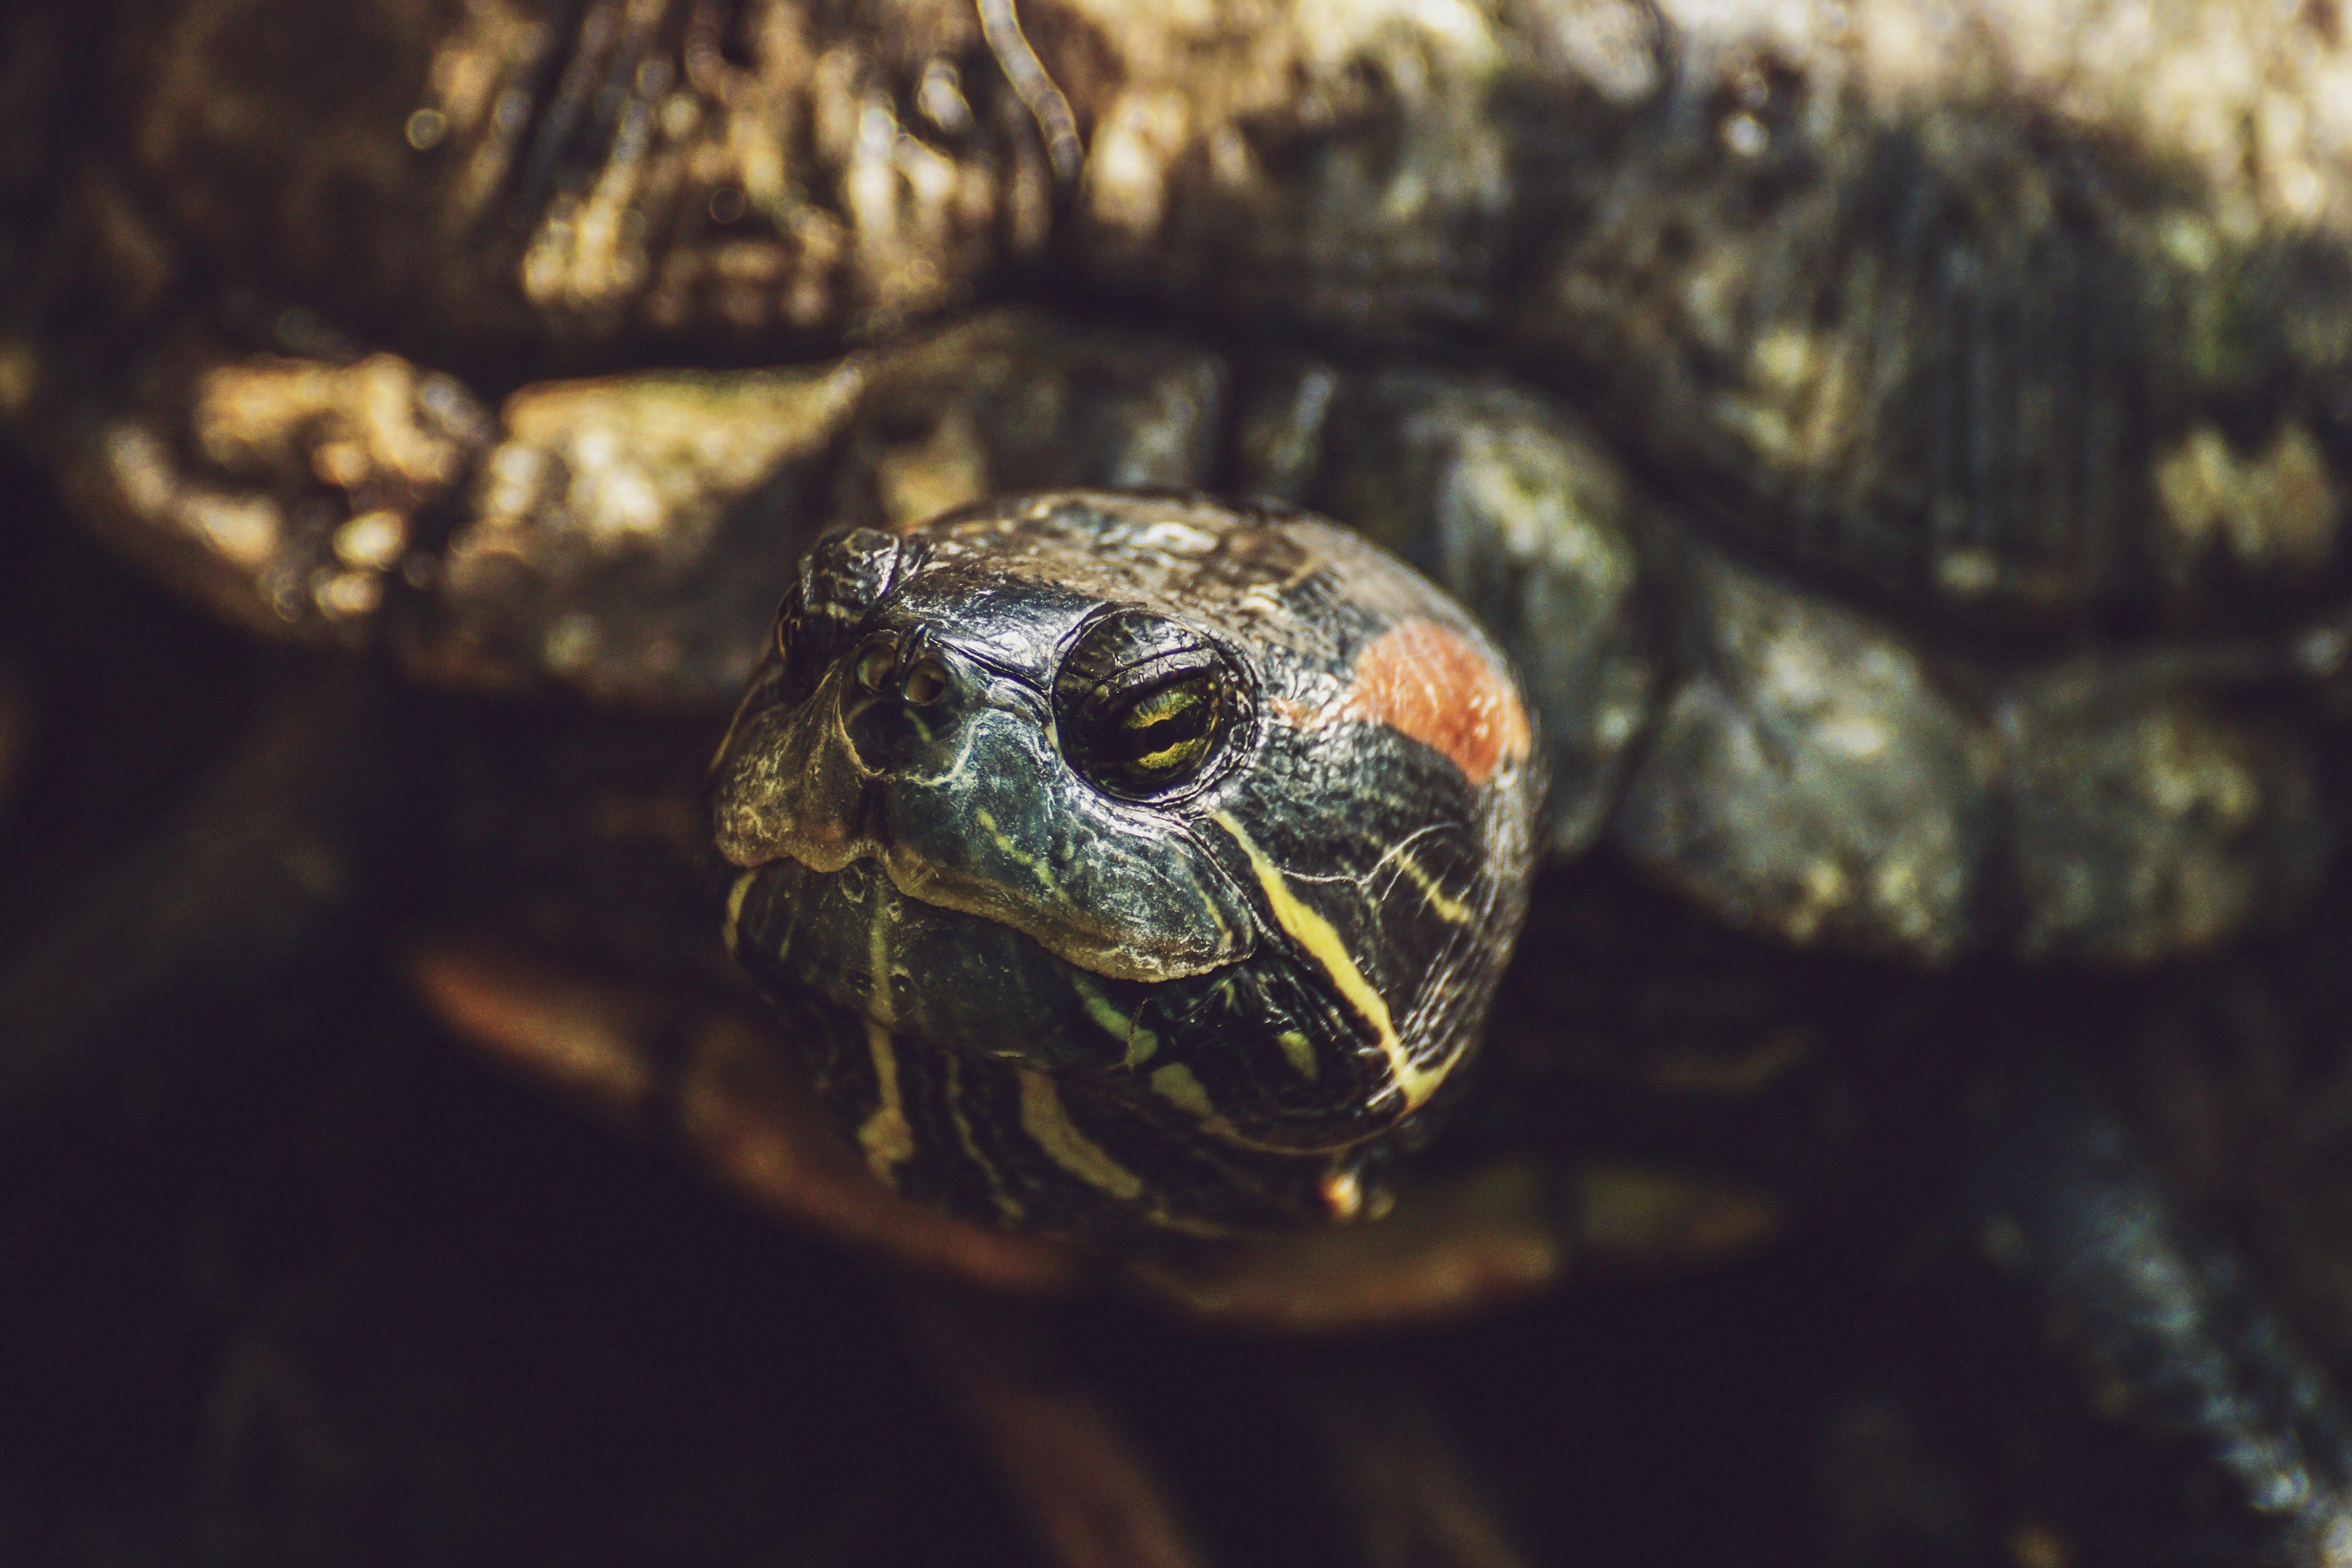 Gratis lagerfoto af close-up, dyr, dyreliv, hoved